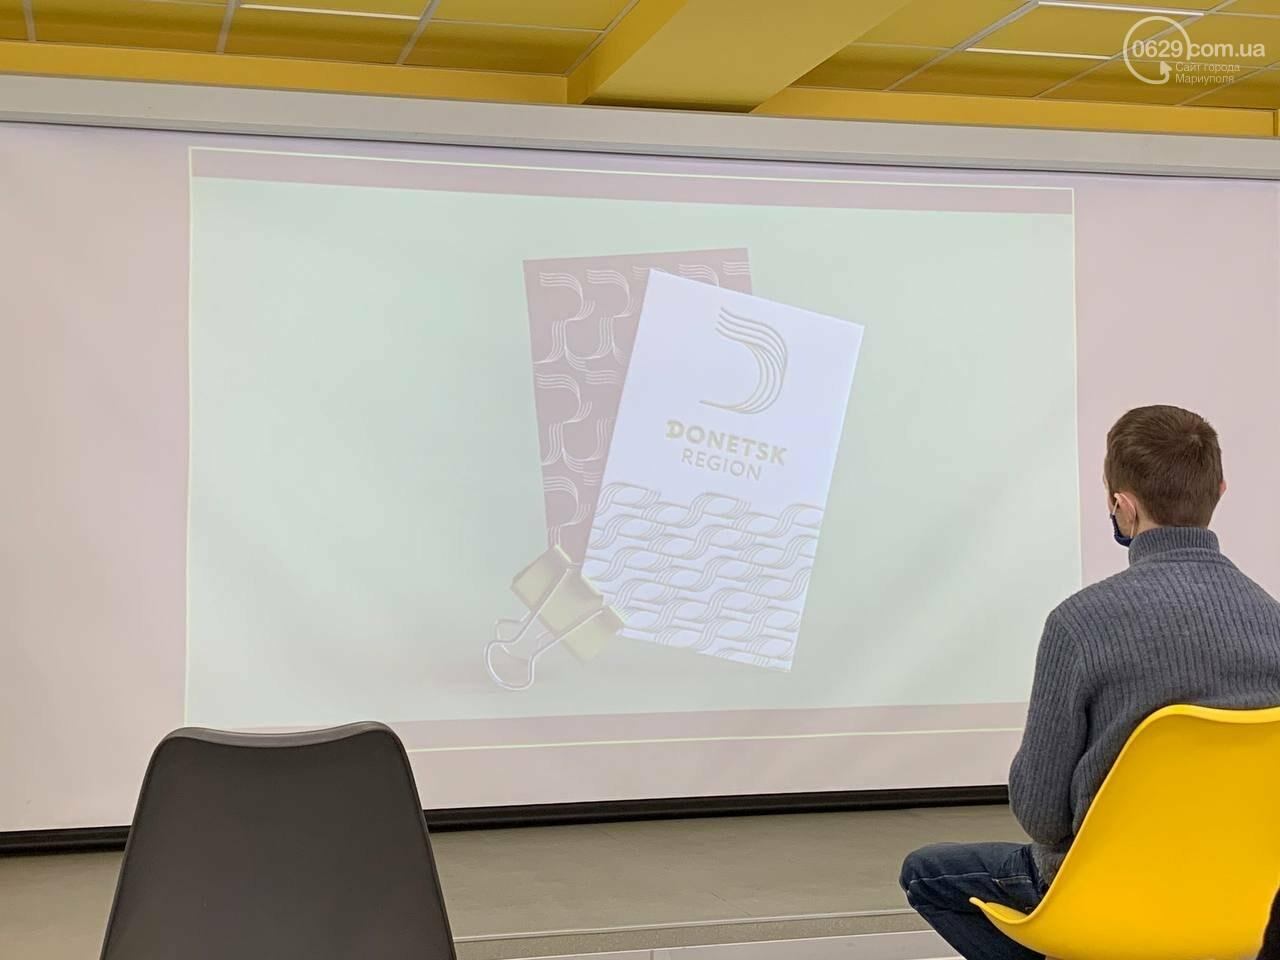 Гравюра чи ковила? У Маріуполі обирали новий бренд Донецької області, - ФОТО, фото-7